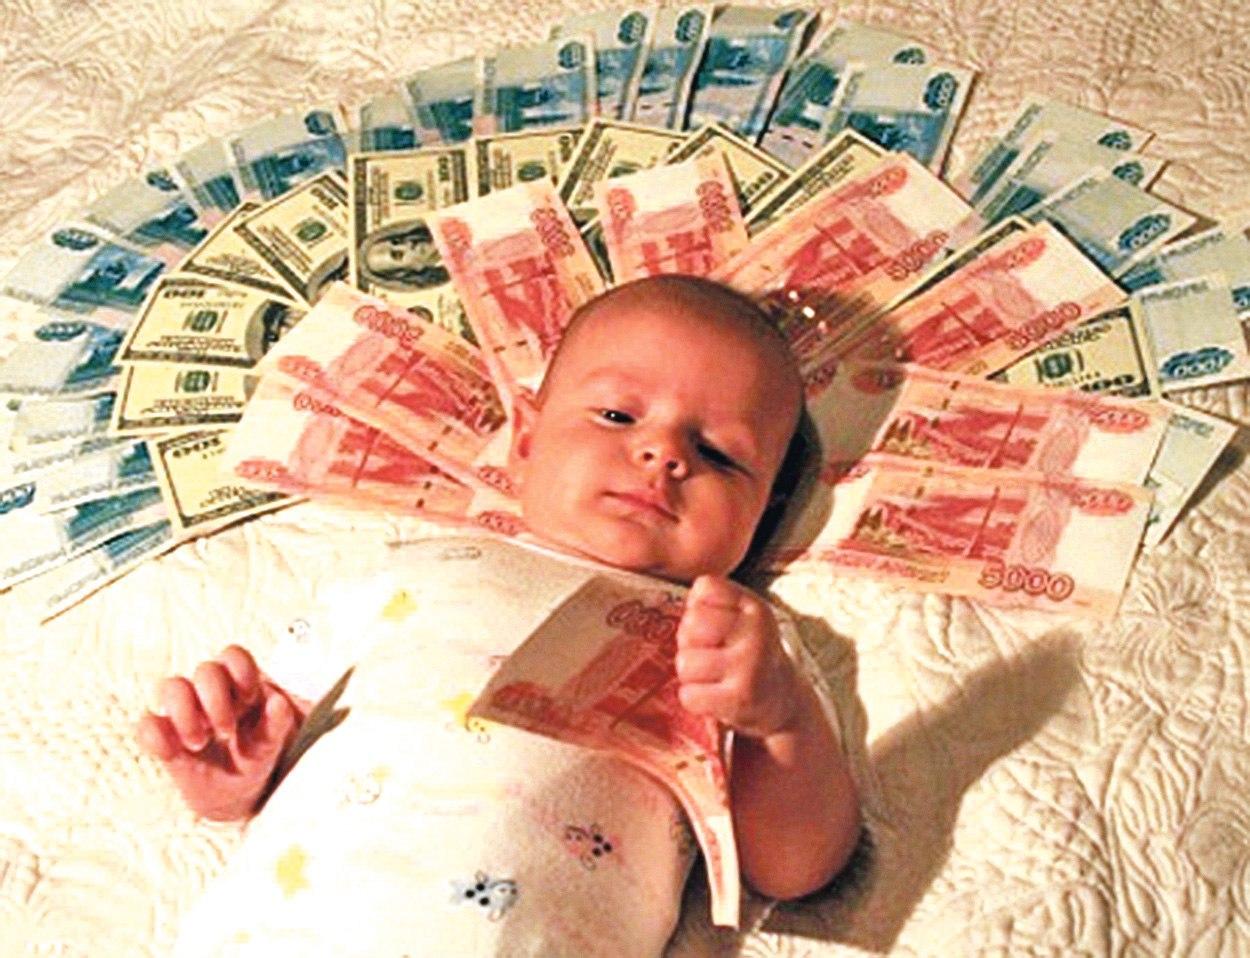 Материнский капитал в 2012 году: как получить и на что использовать